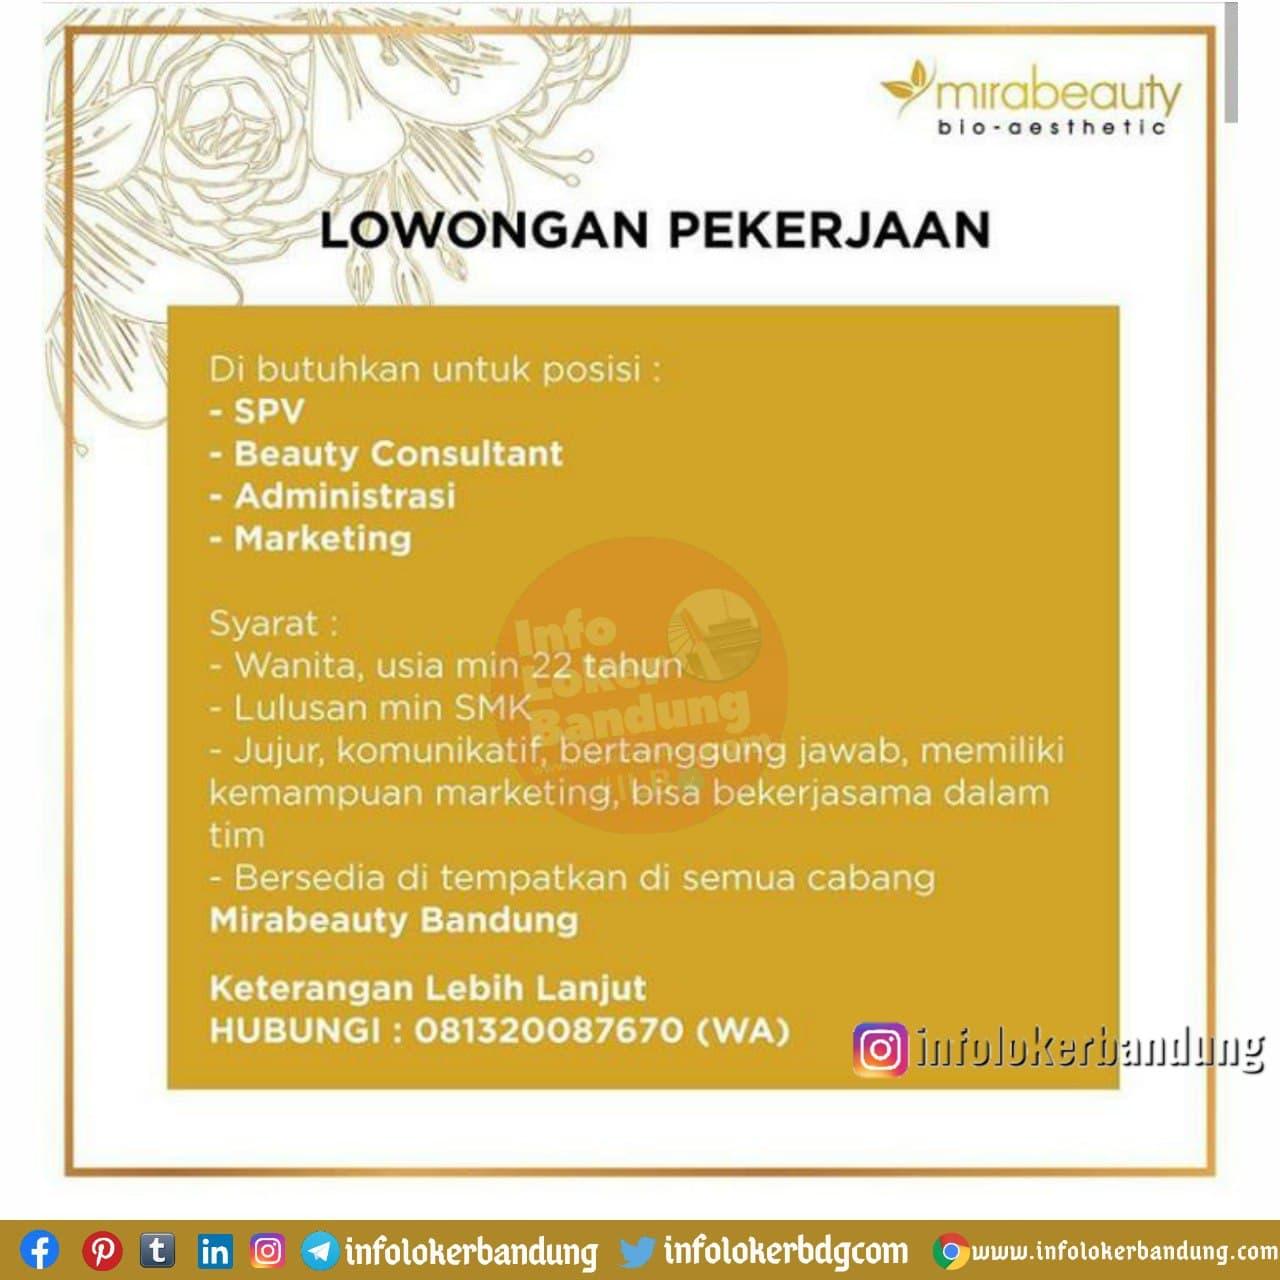 Lowongan Kerja Mirabeuaty Bandung Januari 2021